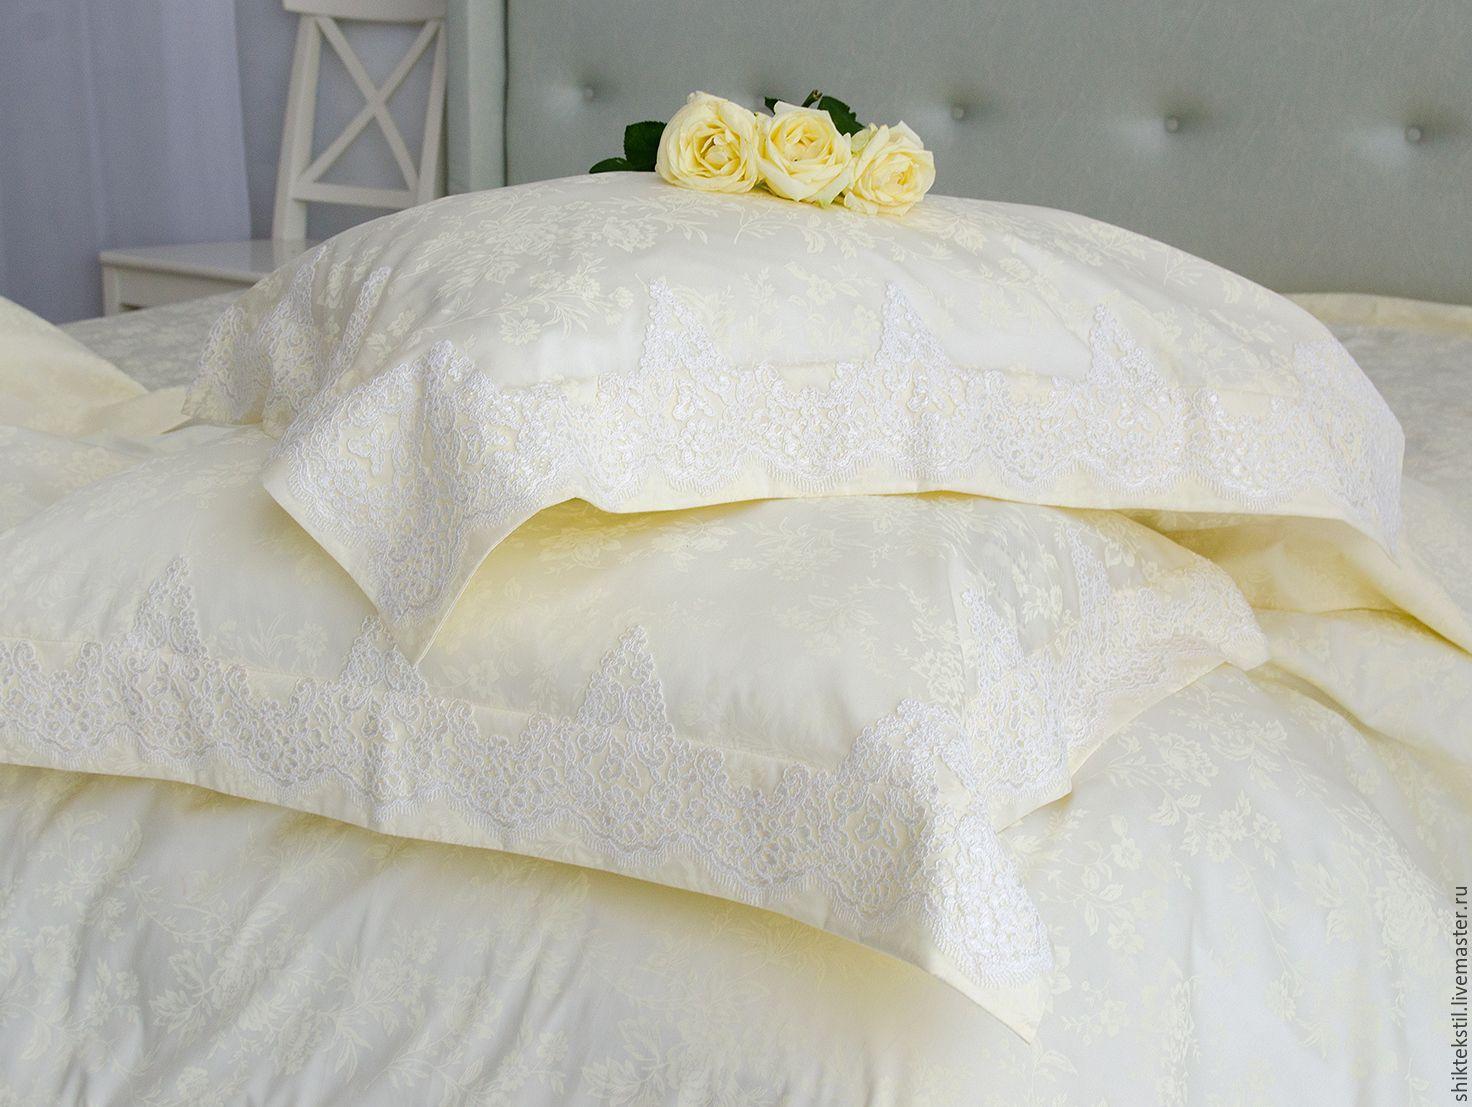 Постельное белье Как сшить постельное белье своими руками 80